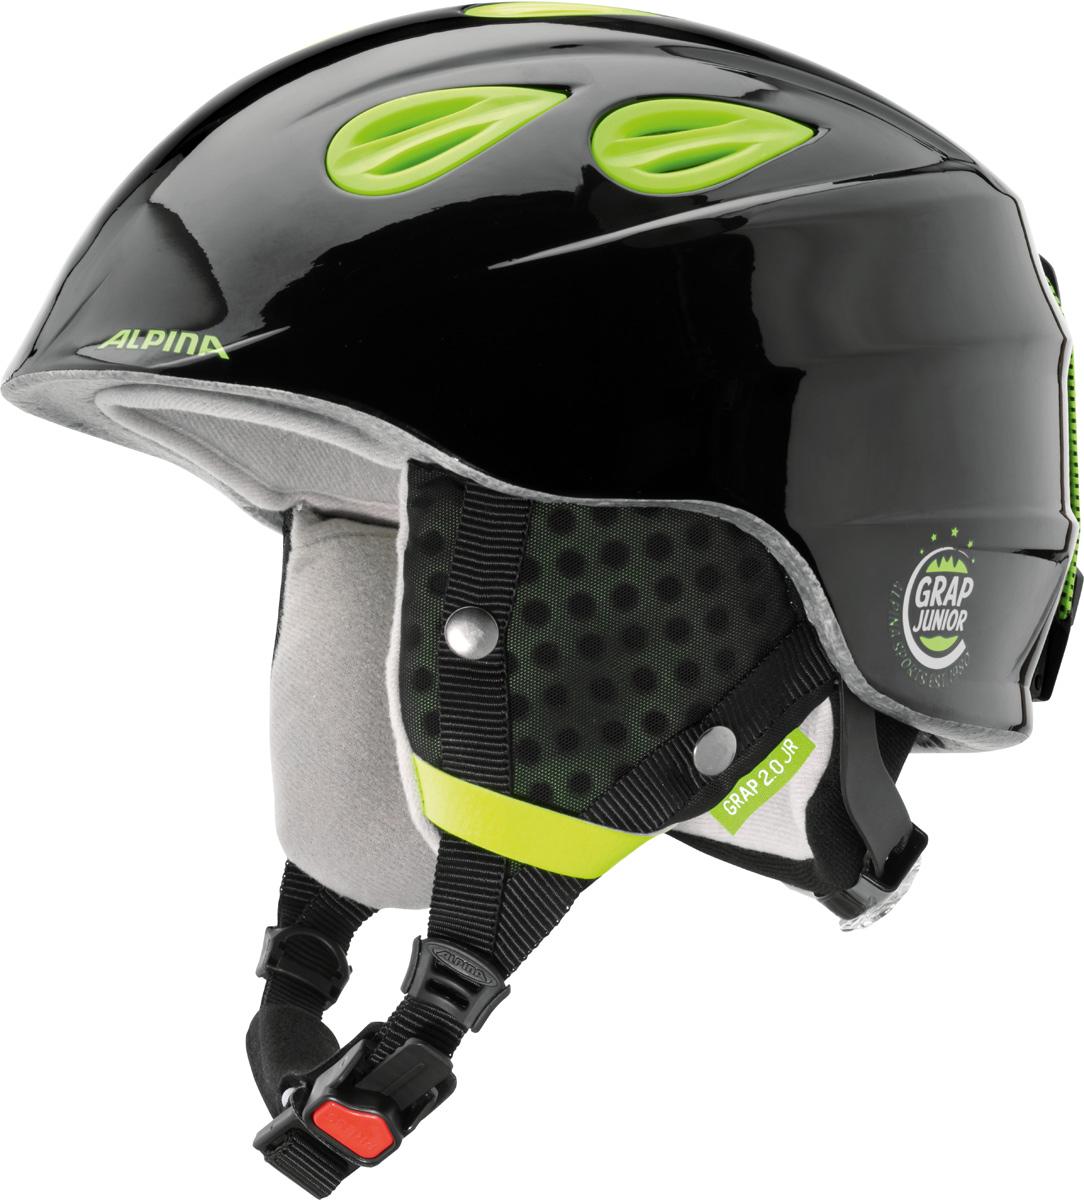 Шлем горнолыжный Alpina Grap 2.0 JR, цвет: черный, желтый. A9086_35. Размер 54-57A9086_35Детская версия популярнейшего шлема Alpina Grap 2.0, сохранившая все технические преимущества взрослой модели. Технологии: Конструкция In-Mold - соединение внутреннего слоя из EPS (вспененного полистирола) с внешним покрытием под большим давлением в условиях высокой температуры. В результате внешняя поликарбонатная оболочка сохраняет форму конструкции, предотвращая поломку и попадание осколков внутрь шлема, а внутренний слой Hi-EPS, состоящий из множества наполненных воздухом гранул, амортизирует ударную волну, защищая голову райдера от повреждений. Внешнее покрытие Ceramic Shell обеспечивает повышенную ударопрочность и износостойкость, а также обладает защитой от УФ-излучений, препятствующей выгоранию на солнце, и антистатичными свойствами. Съемный внутренний тканевый слой. Подкладку можно постирать и легко вставить обратно. Своевременный уход за внутренником предотвращает появление неприятного запаха. Вентиляционная система с раздвижным механизмом с возможностью регулировки интенсивности потока воздуха. Классическая система регулировки в шлемах Alpina Run System с регулировочным кольцом на затылке позволяет быстро и легко подобрать оптимальную и комфортную плотность посадки на голове. Съемные ушки согревают в холодную погоду, а в теплую компактно хранятся в кармане куртки. Шейный воротник из микрофлиса в задней части шлема быстро согревает и не давит на шею. Ремешок фиксируется кнопкой с запирающим механизмом. Застежка максимально удобна для использования в перчатках. Система Edge Protect в конструкции шлема защищает голову горнолыжника при боковом ударе. Система Y-Clip гарантирует оптимальную посадку с миллиметровой точностью. Y-зажим соединяет два ремешка вместе и удобно фиксирует их под ухом. Съемные элементы позволяют использовать шлем всесезонно.Что взять с собой на горнолыжную прогулку: рассказывают эксперты. Статья OZON Гид